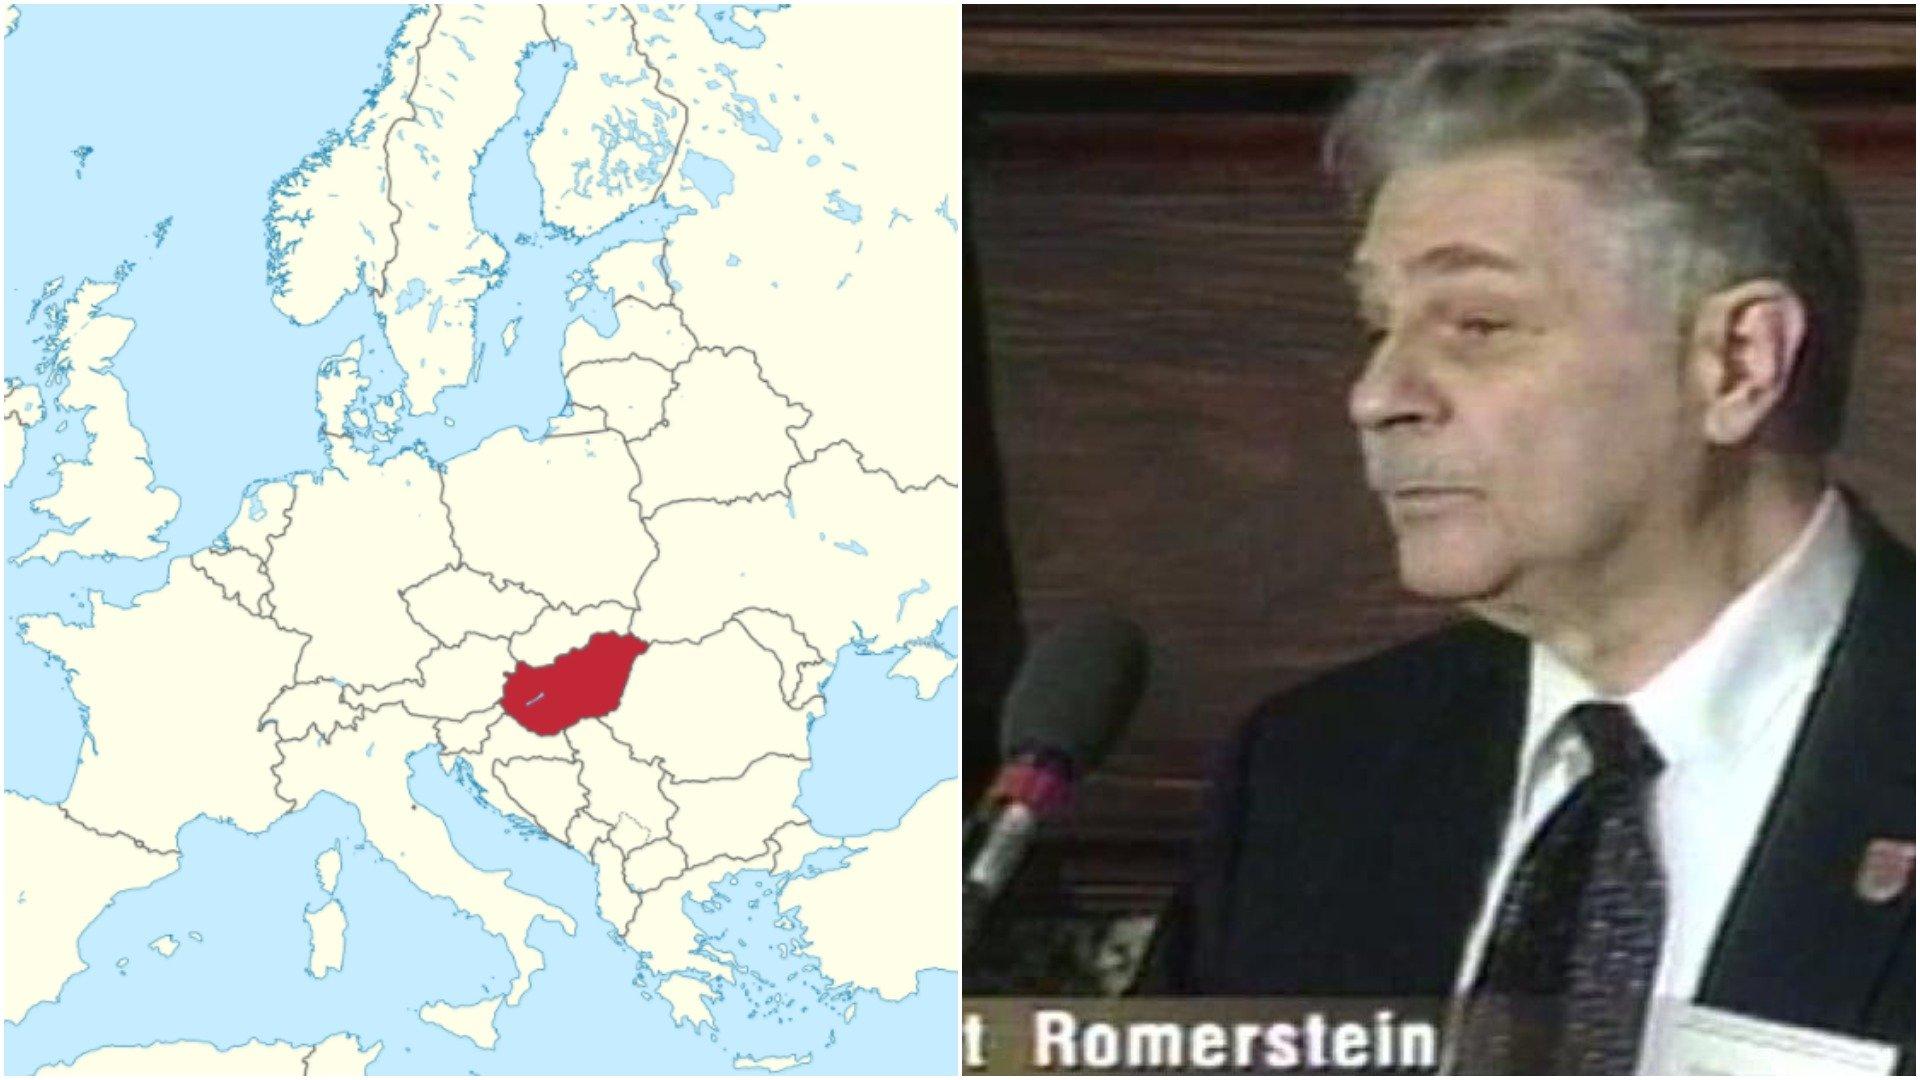 definicja antysemity wg Węgrów